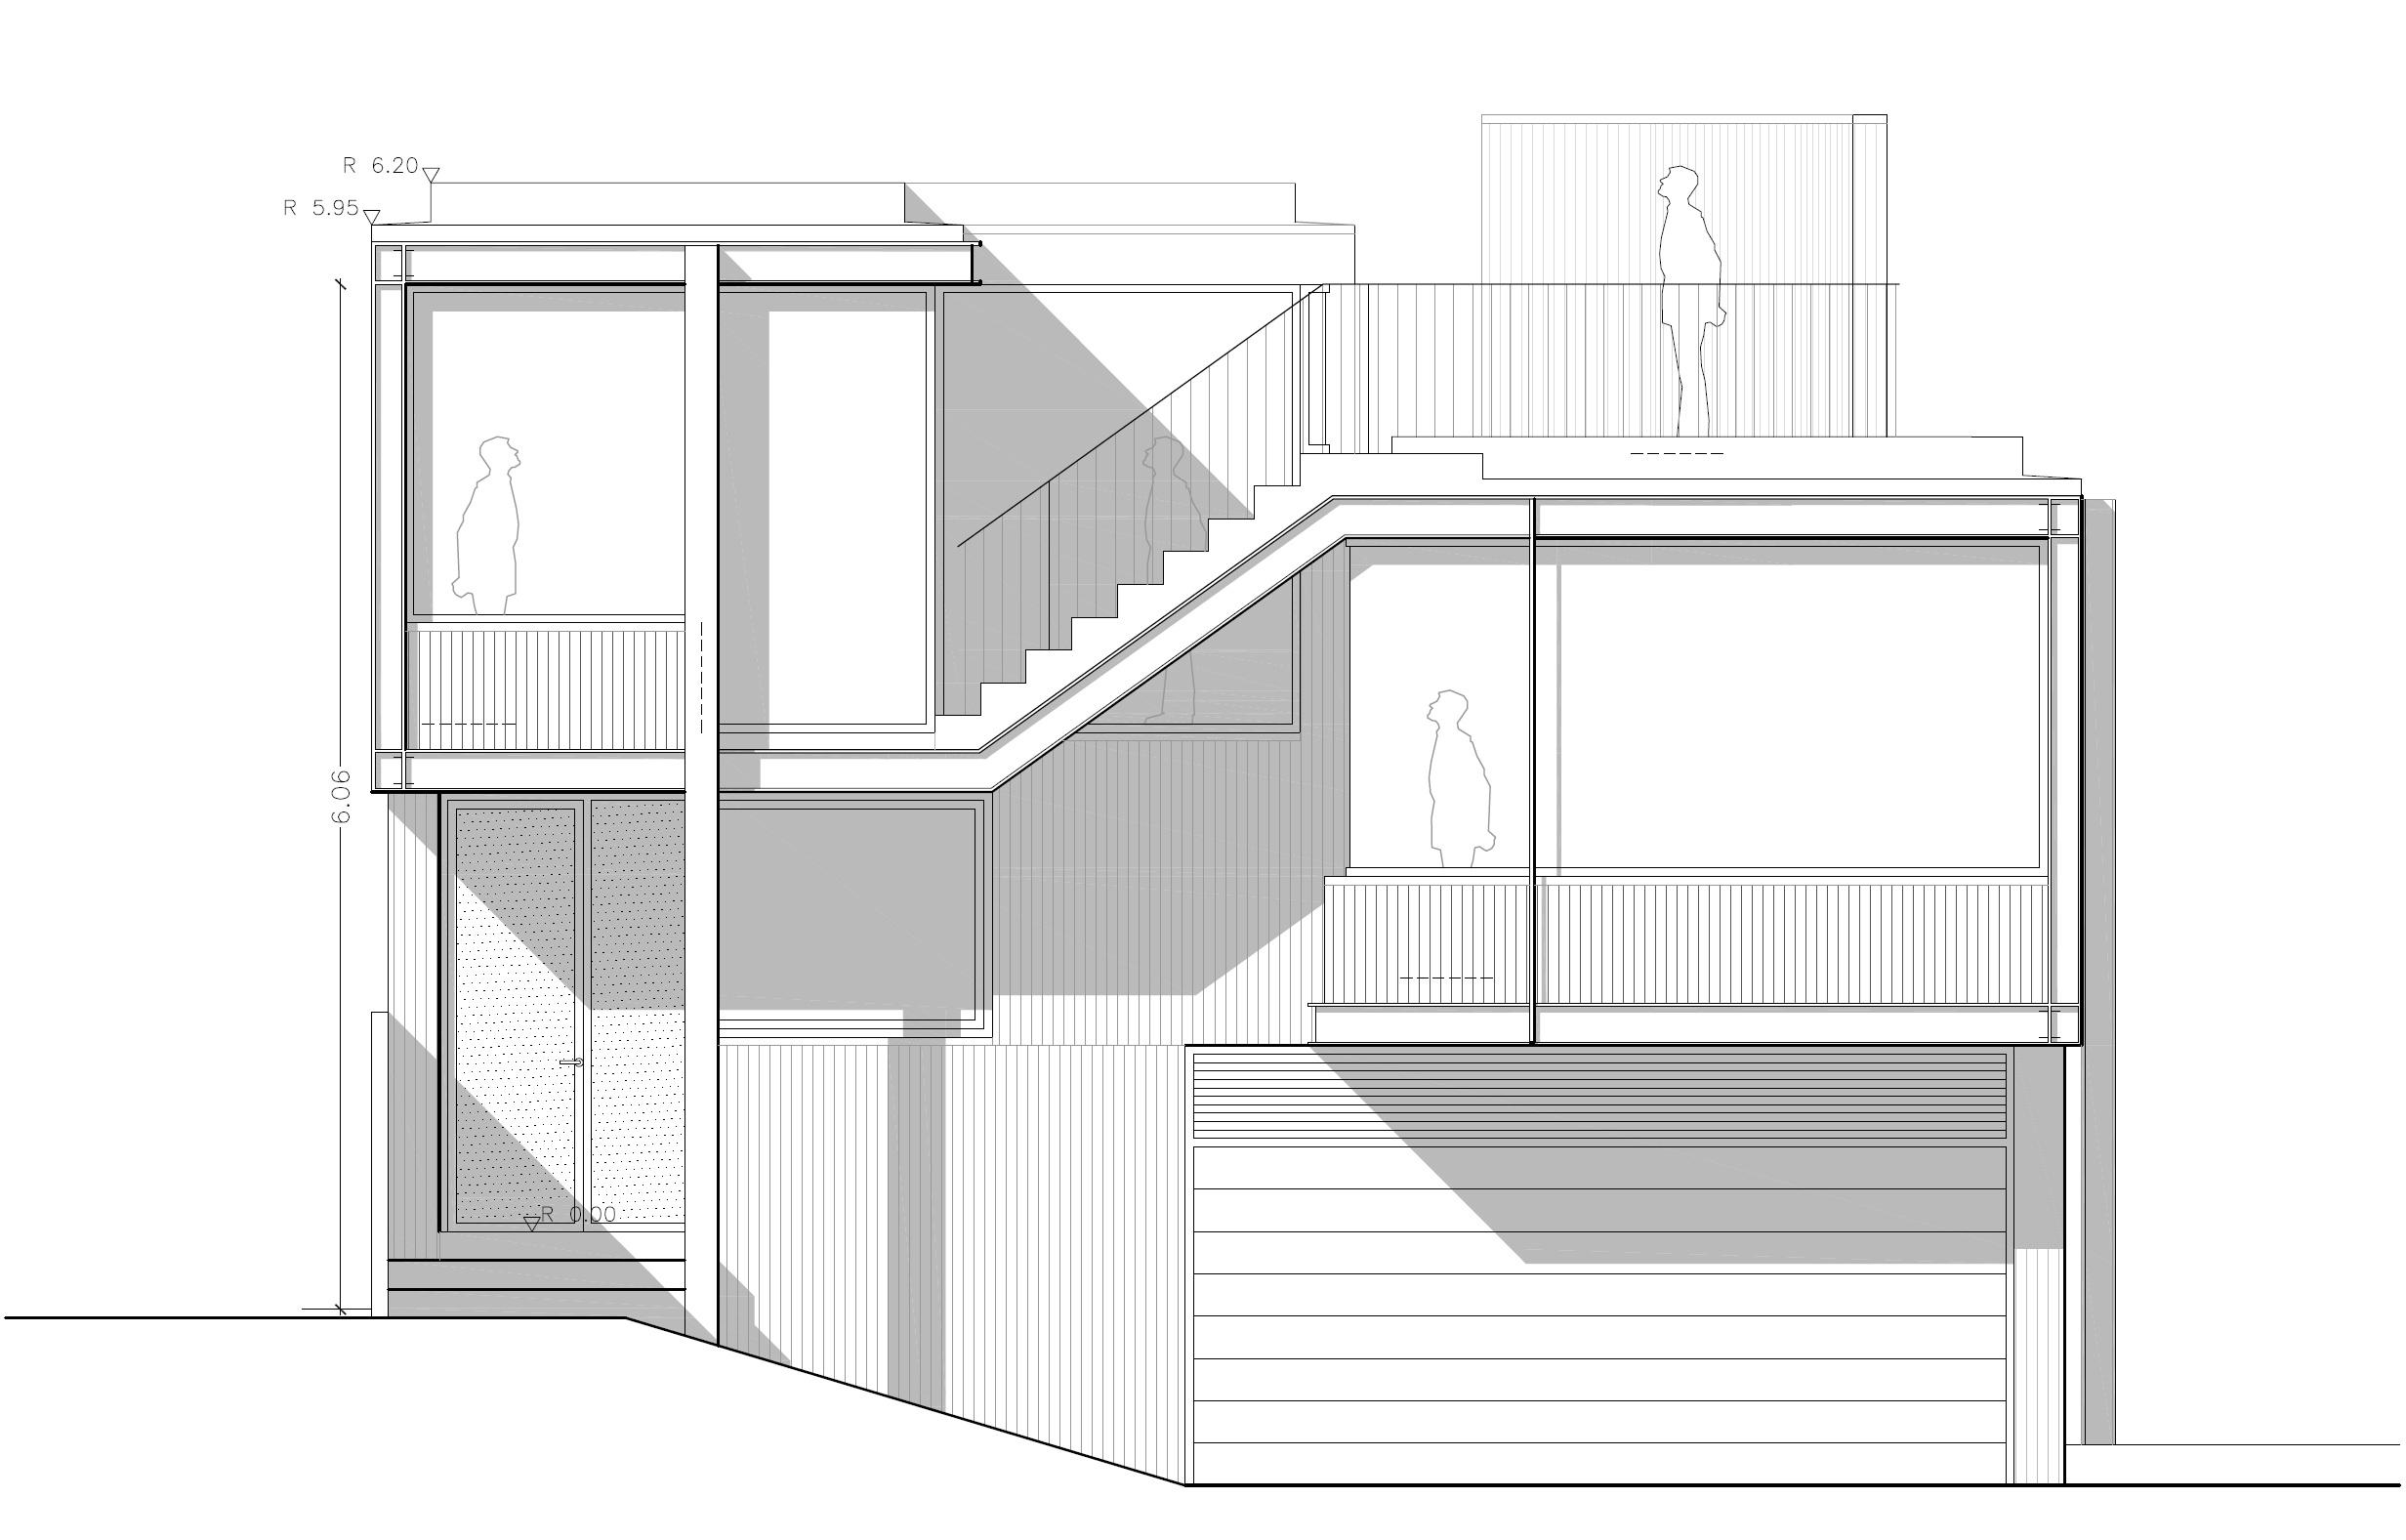 Anteproyecto de vivienda unifamiliar en s marti o moa a rodrigo curr s torres arquitecto - Estructura metalica vivienda ...